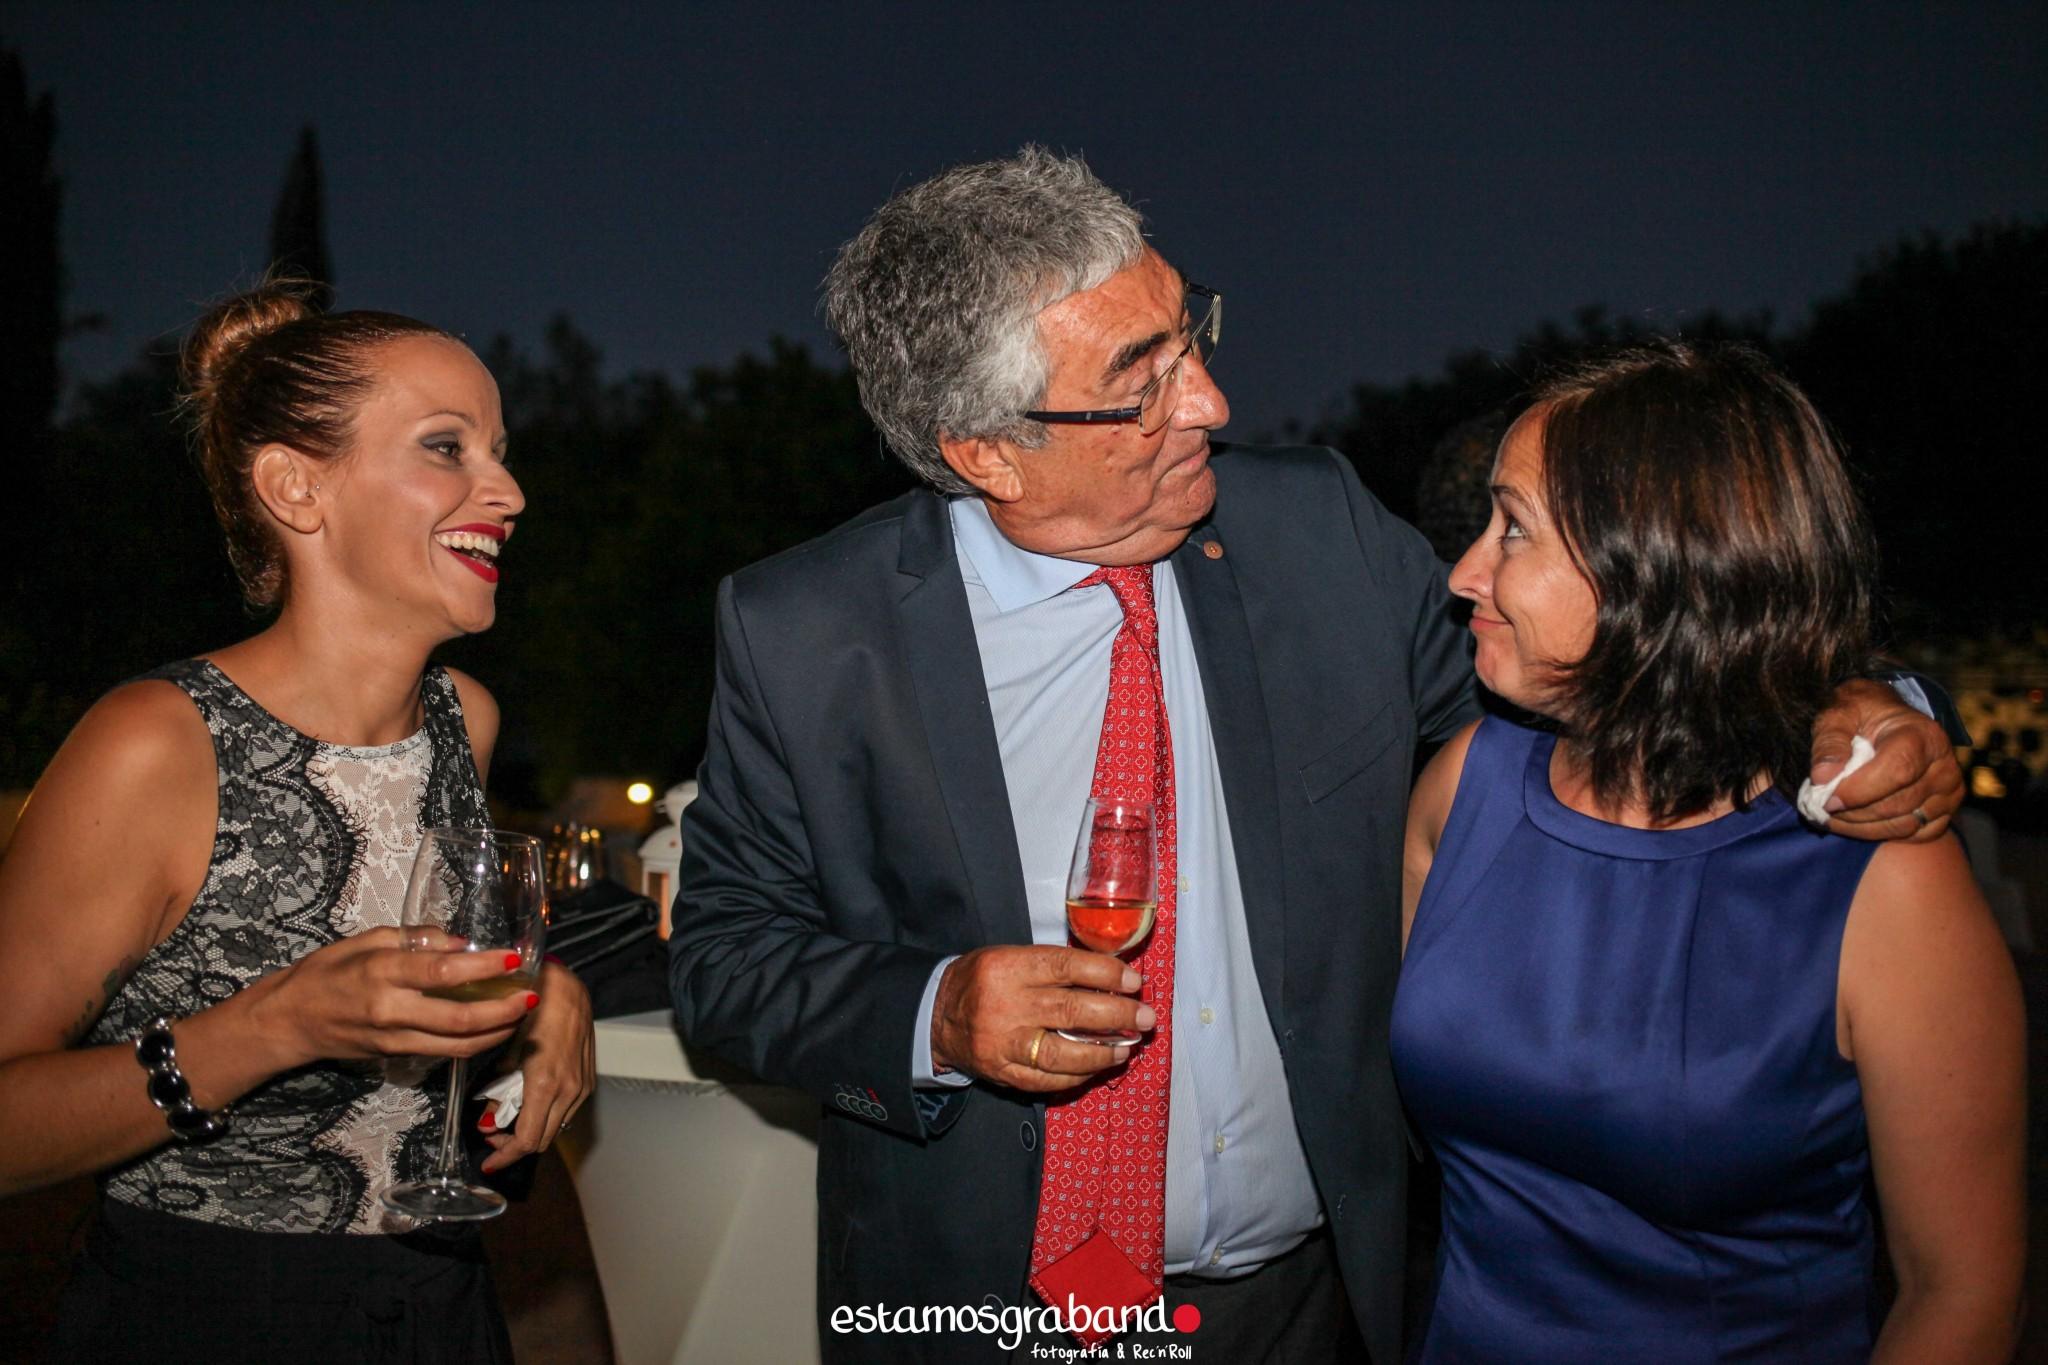 Miguel-Ana-34 Los invitados de Ana & Miguel [Fotografía de Boda_Viña La Carreña, Jerez] - video boda cadiz